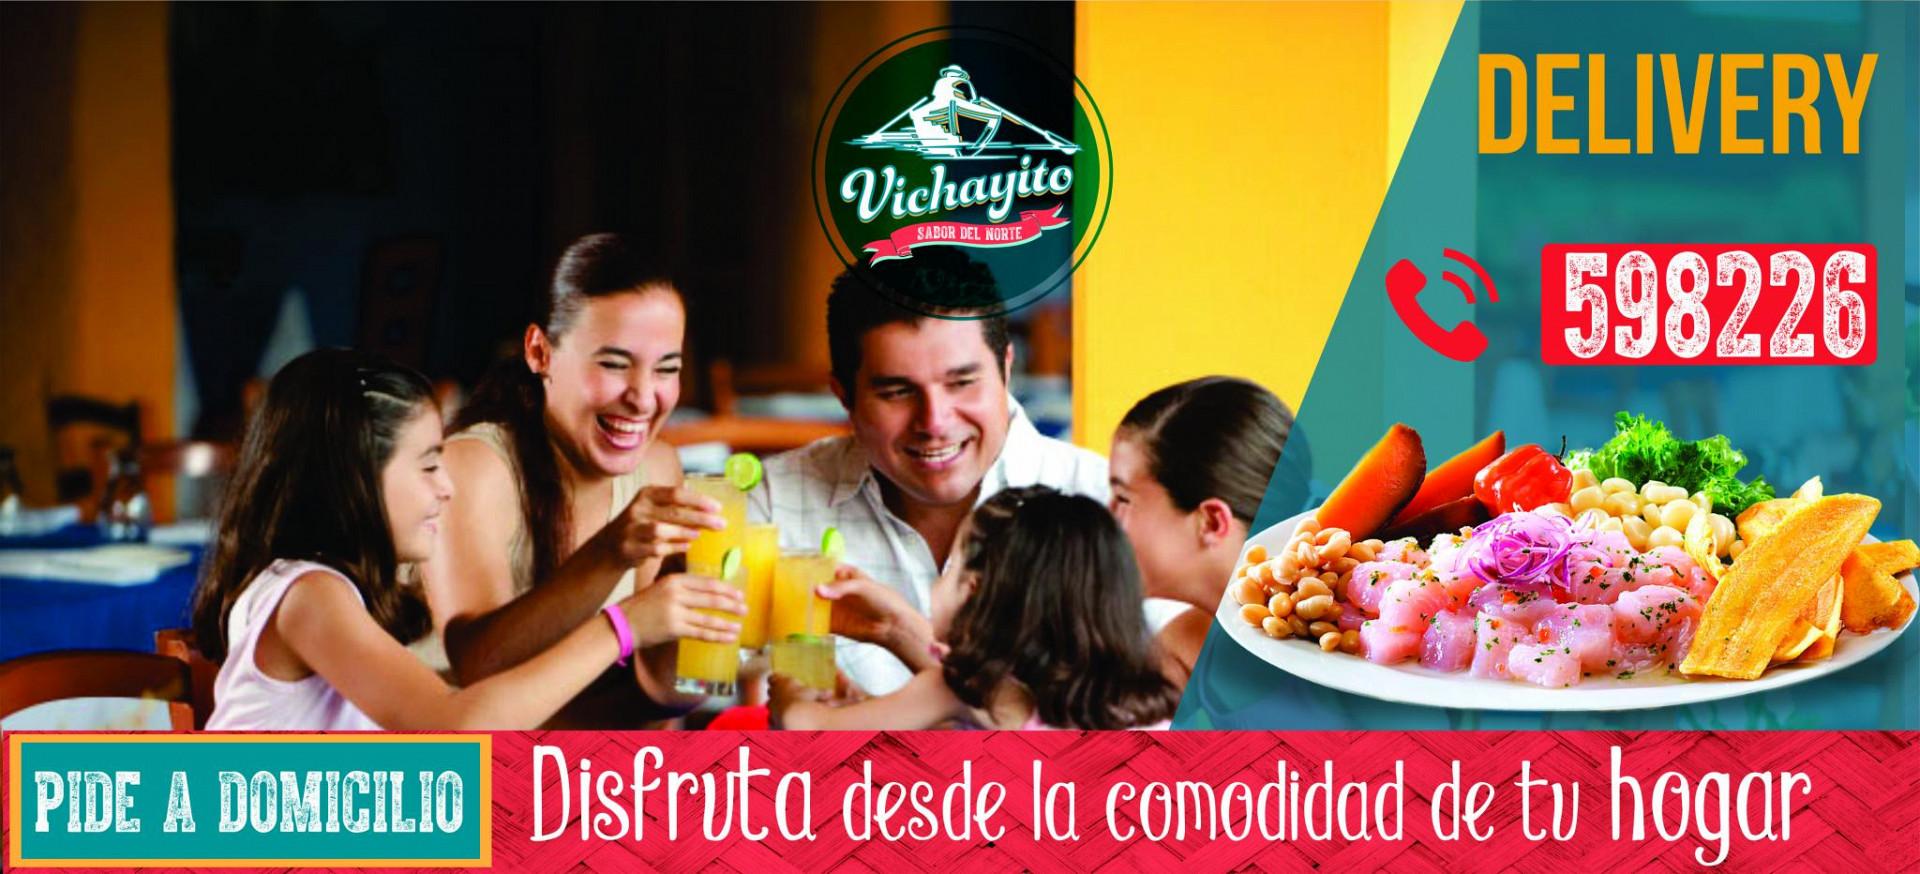 Foto de Cevichería Restaurant Vichayito S.R.L. Cusco